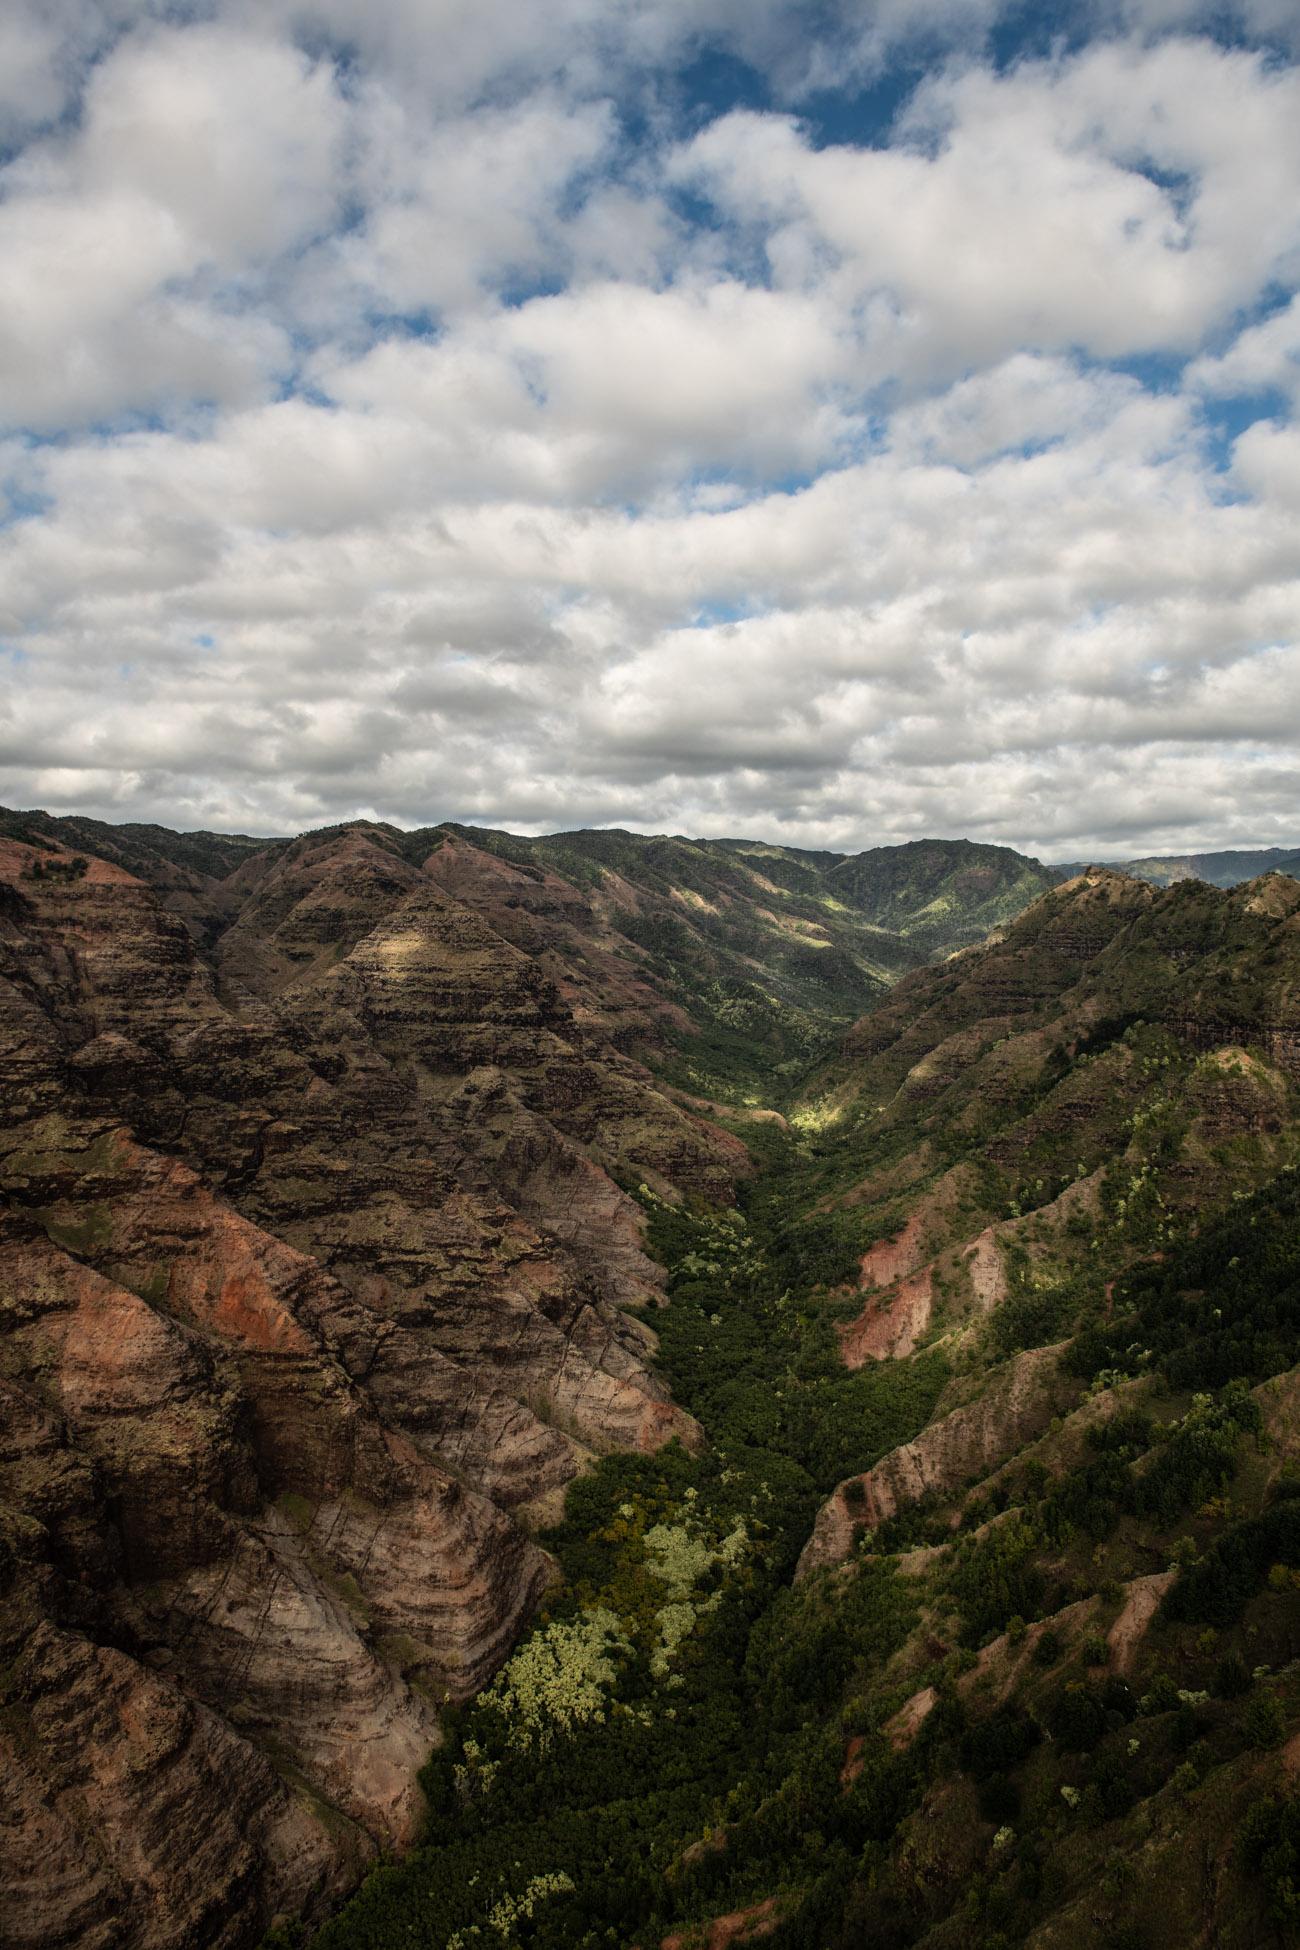 Hawaii Kauai Napali Coast helikopterflug Flug